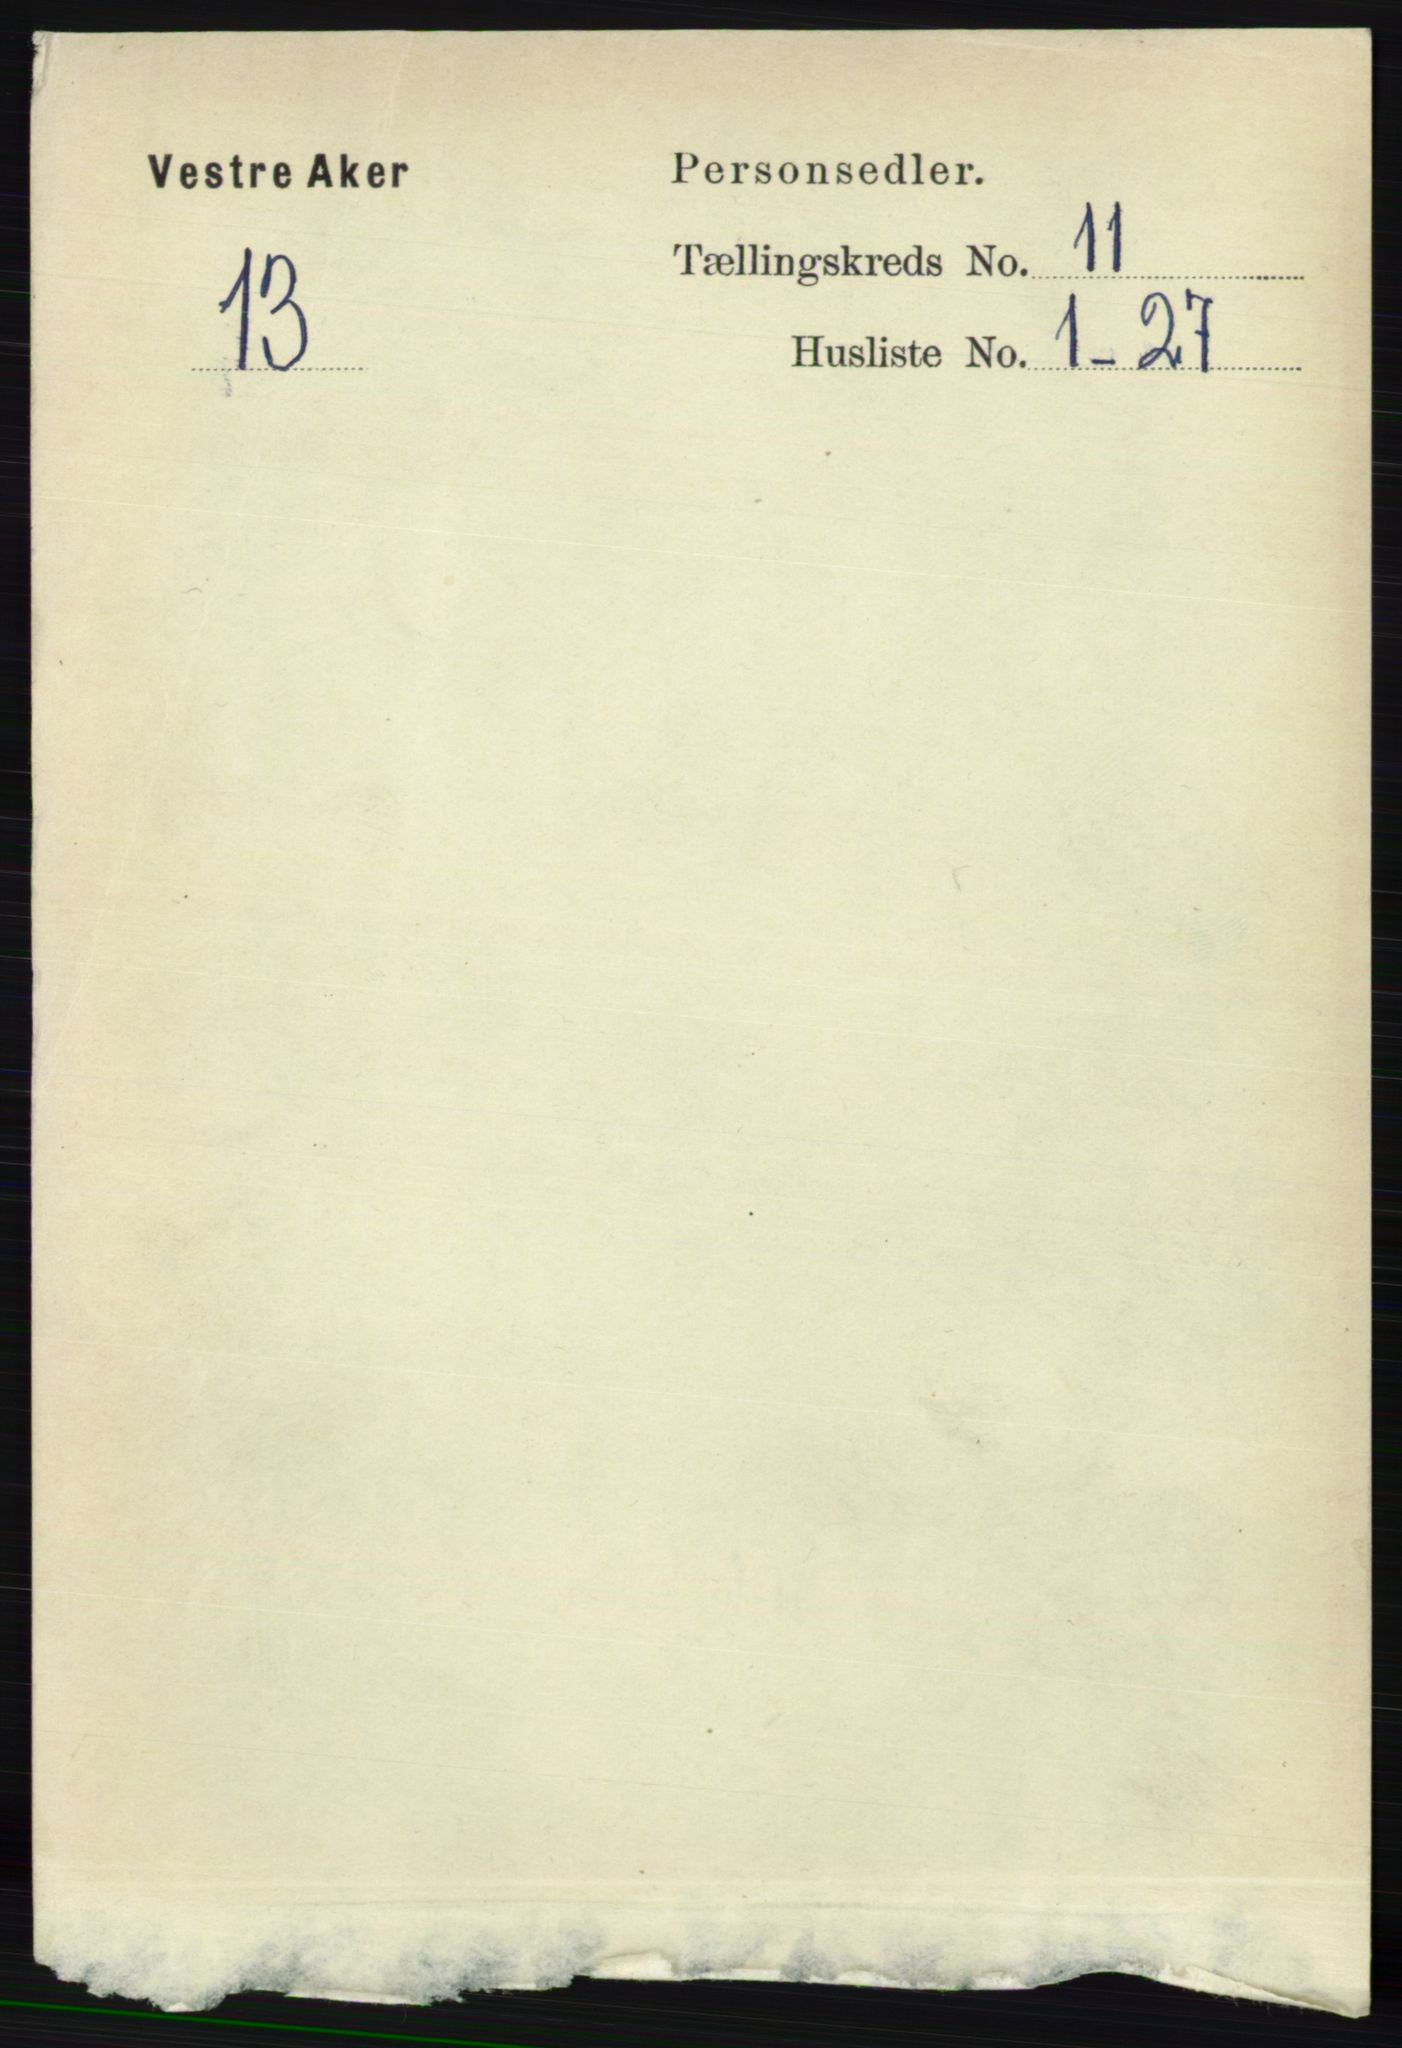 RA, Folketelling 1891 for 0218 Aker herred, 1891, s. 10185